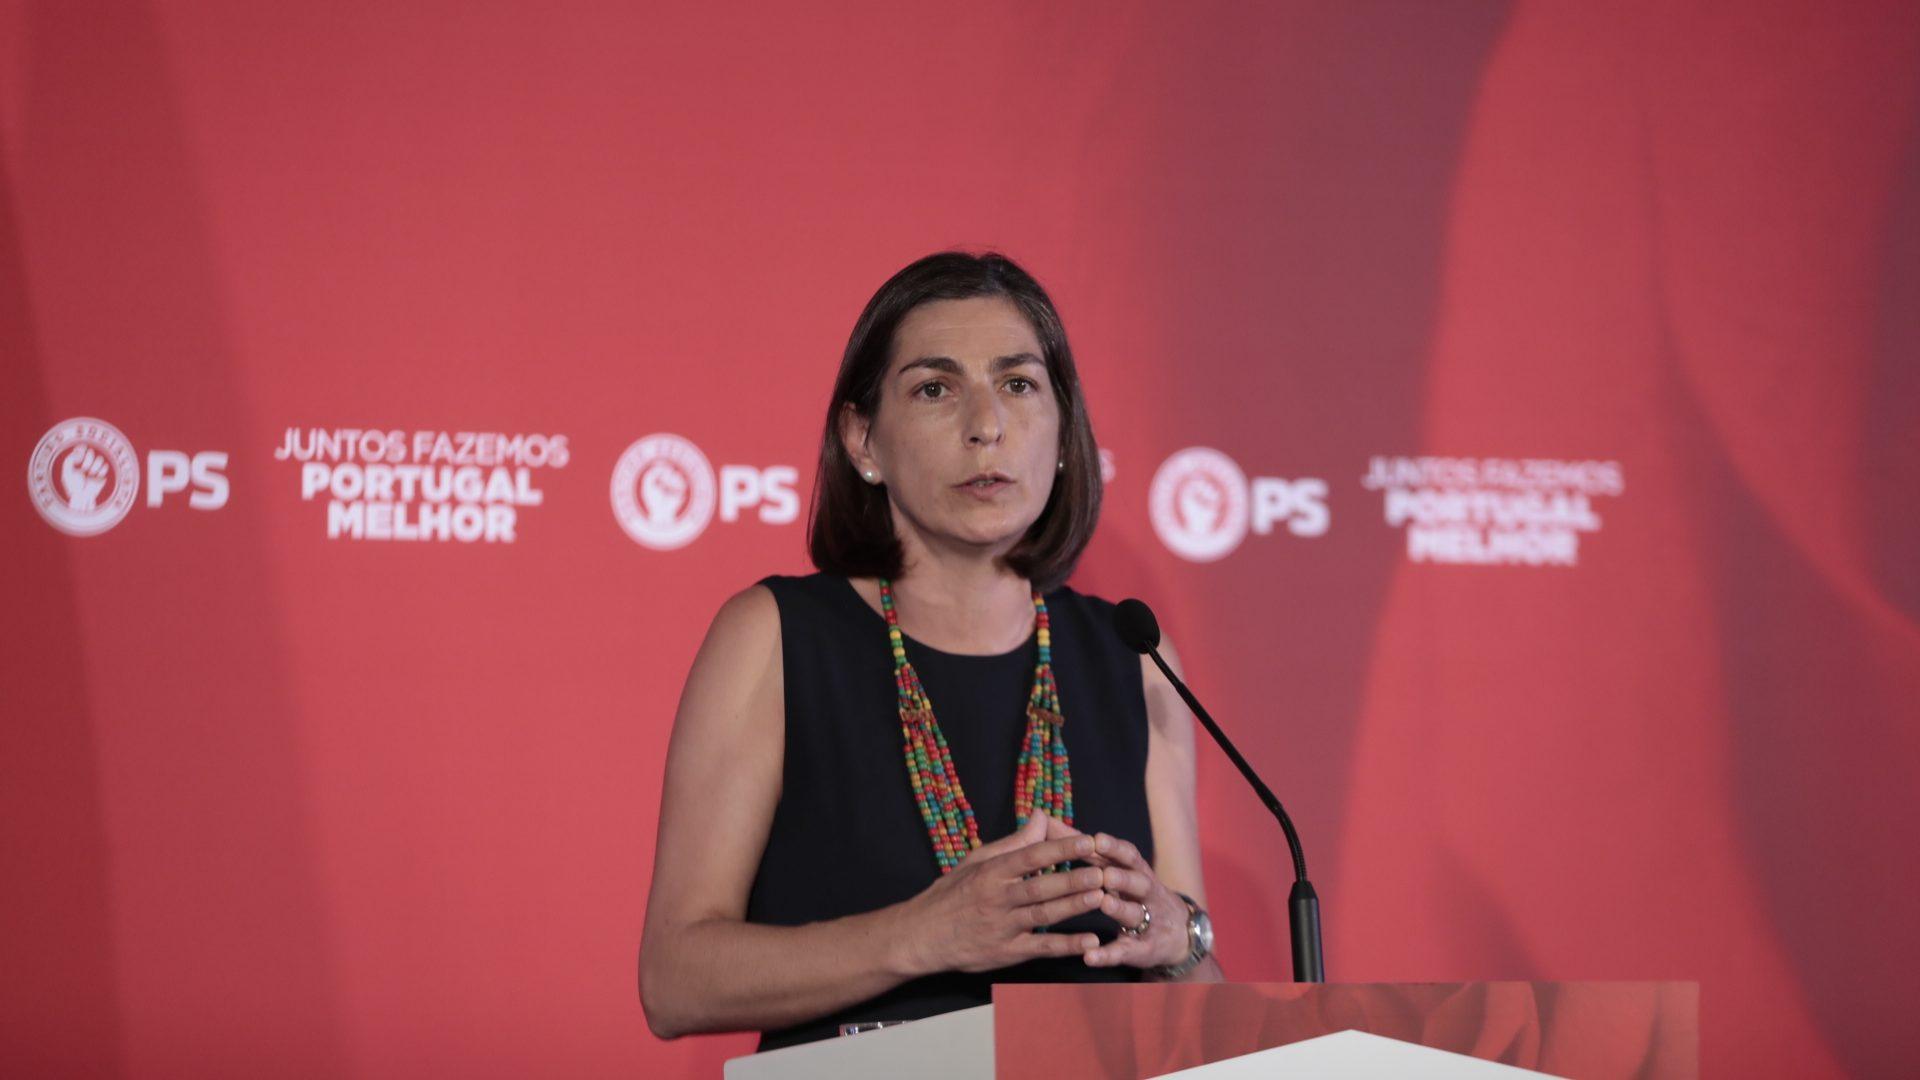 Ana Gomes defende Ana Catarina Mendes para encabeçar lista às europeias